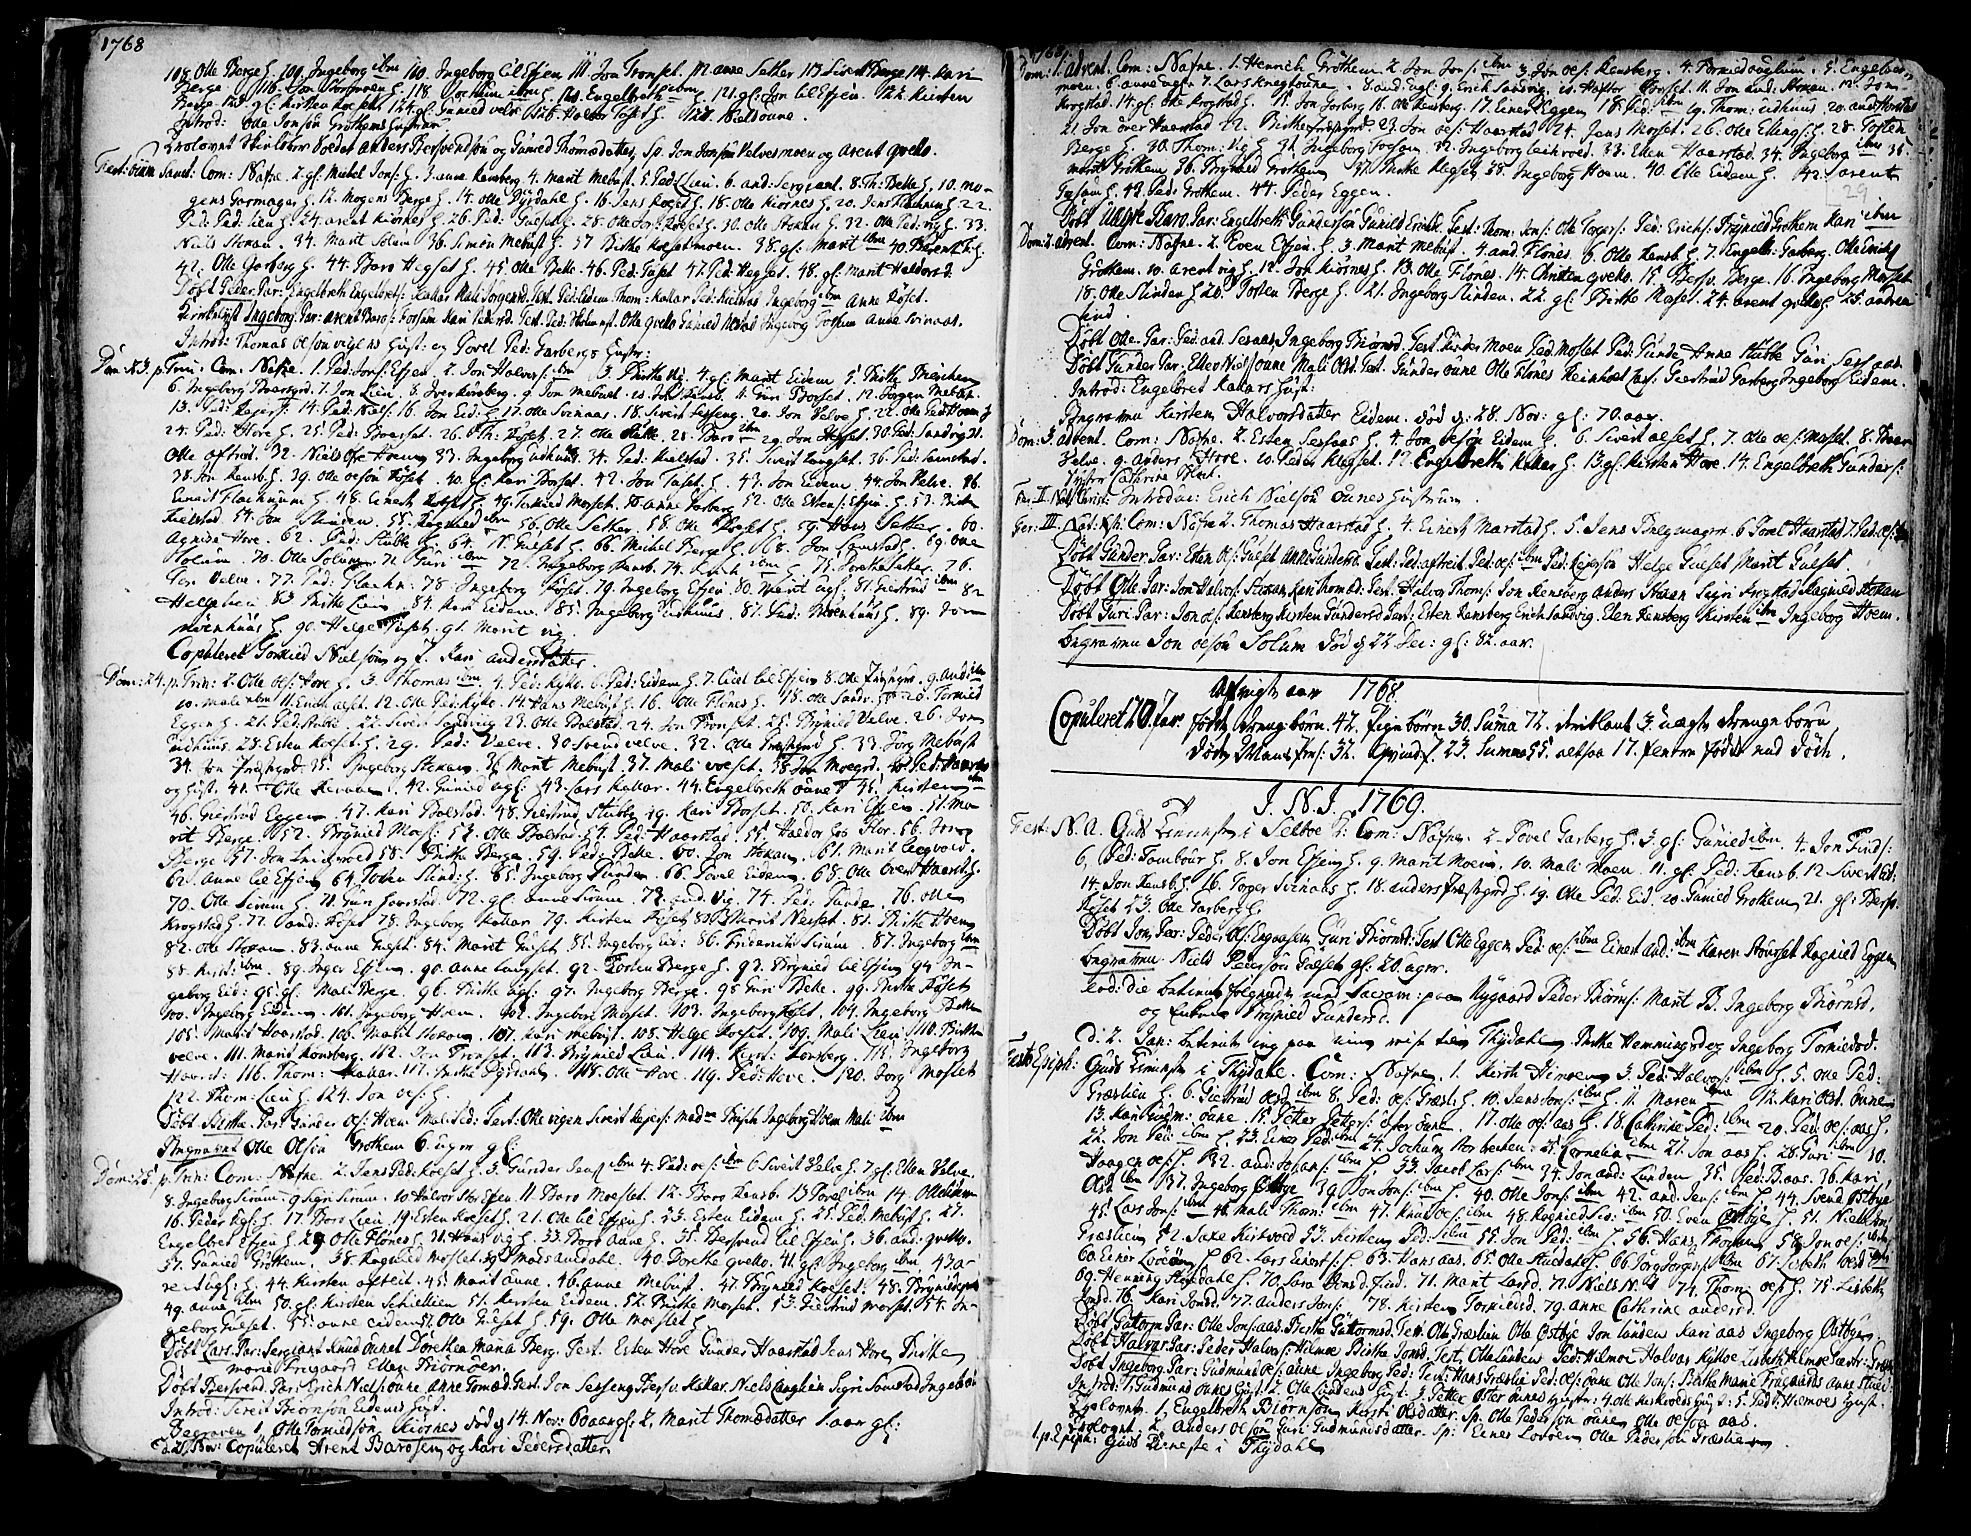 SAT, Ministerialprotokoller, klokkerbøker og fødselsregistre - Sør-Trøndelag, 695/L1138: Ministerialbok nr. 695A02 /1, 1757-1801, s. 29